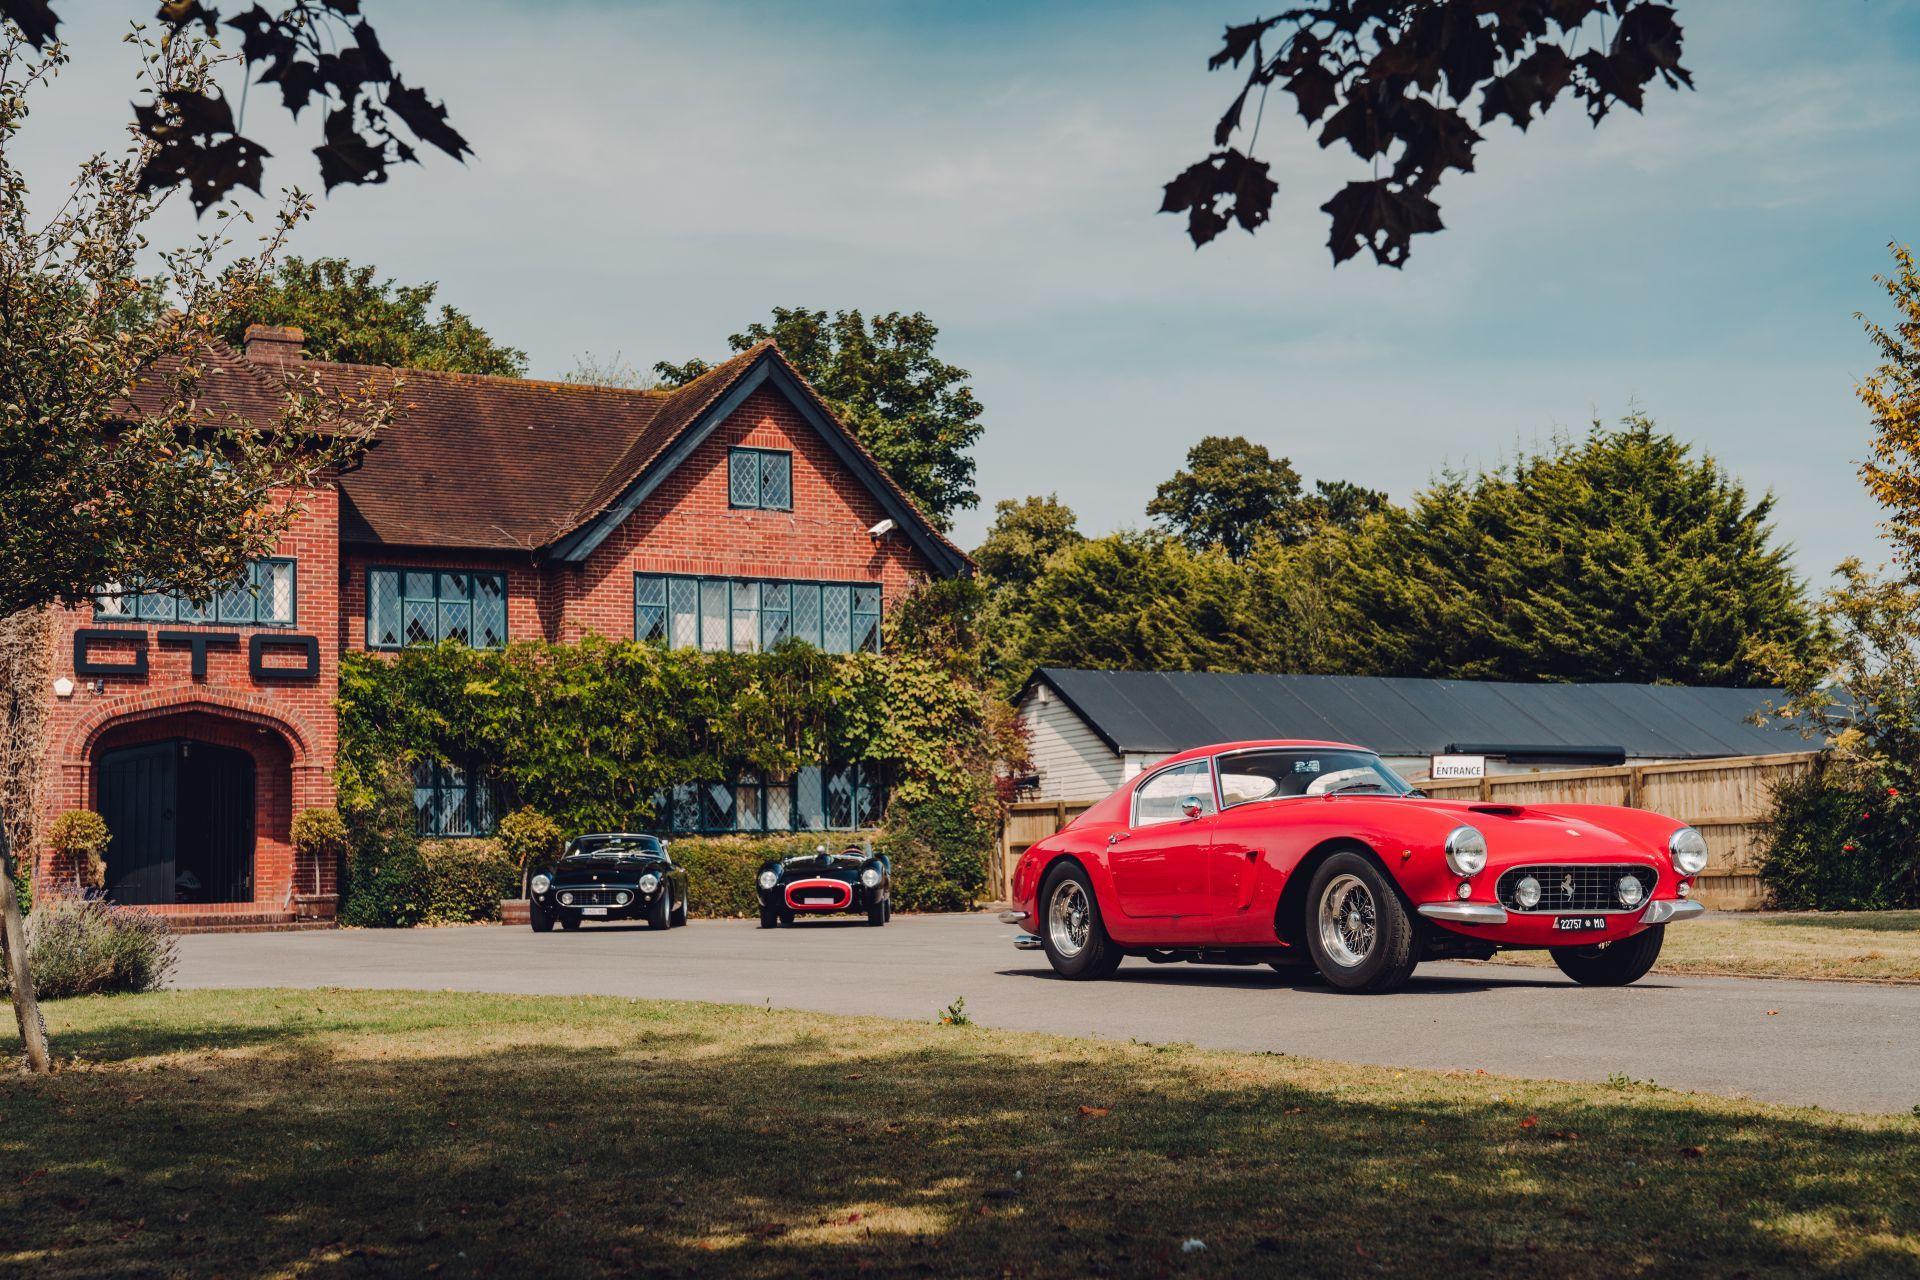 Ferrari-250-GT-SWB-Berlinetta-Competizione-Revival-by-GTO-Engineering-21